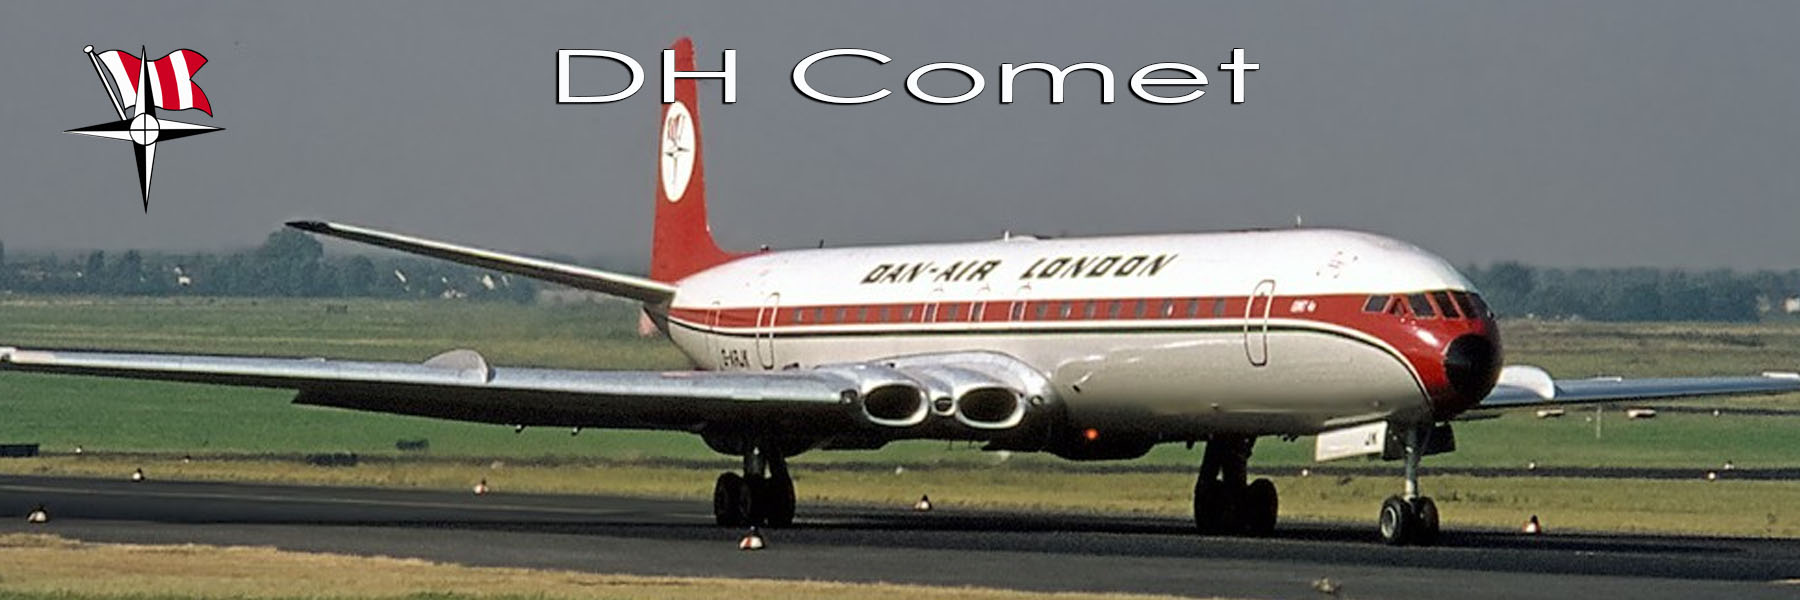 Comet - DAN AIR REMEMBERED